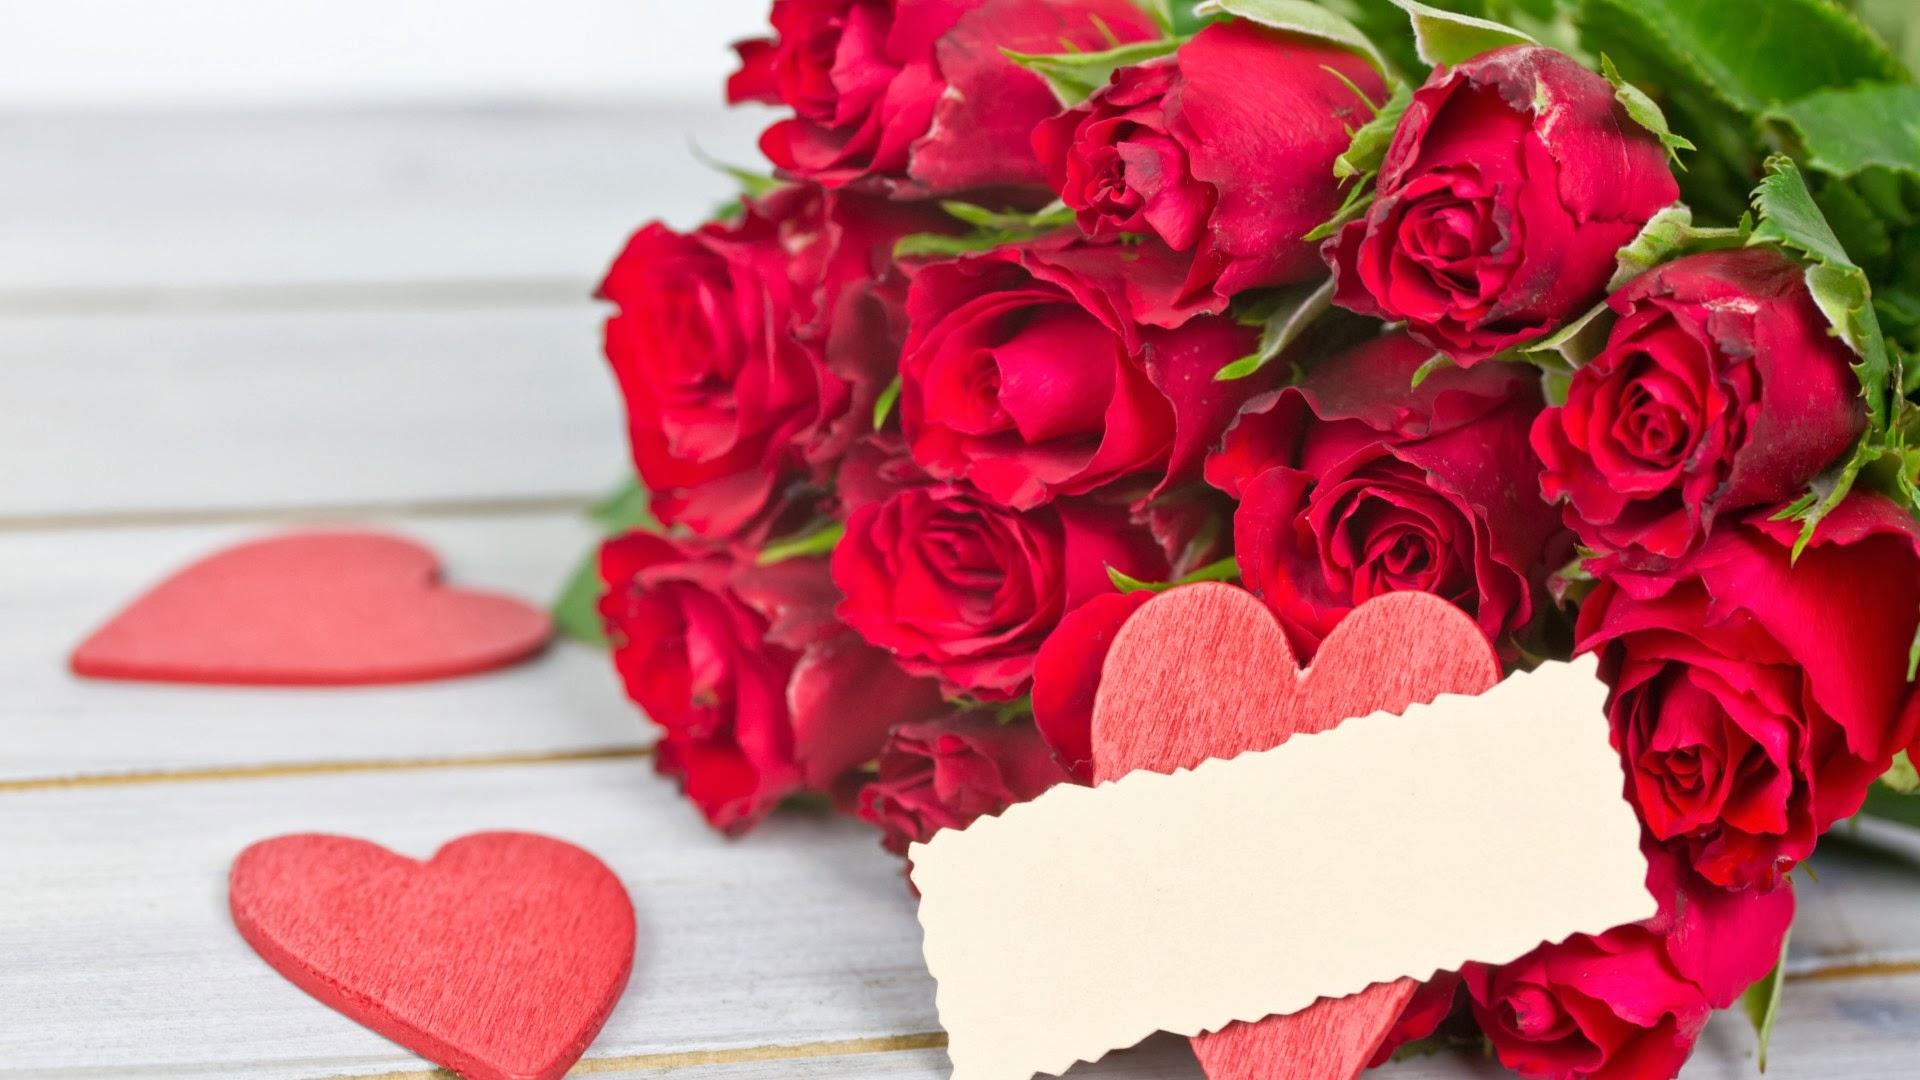 Fotos De Ramos De Flores Para San Valentin - Flores para San Valentín Plantas y Flores